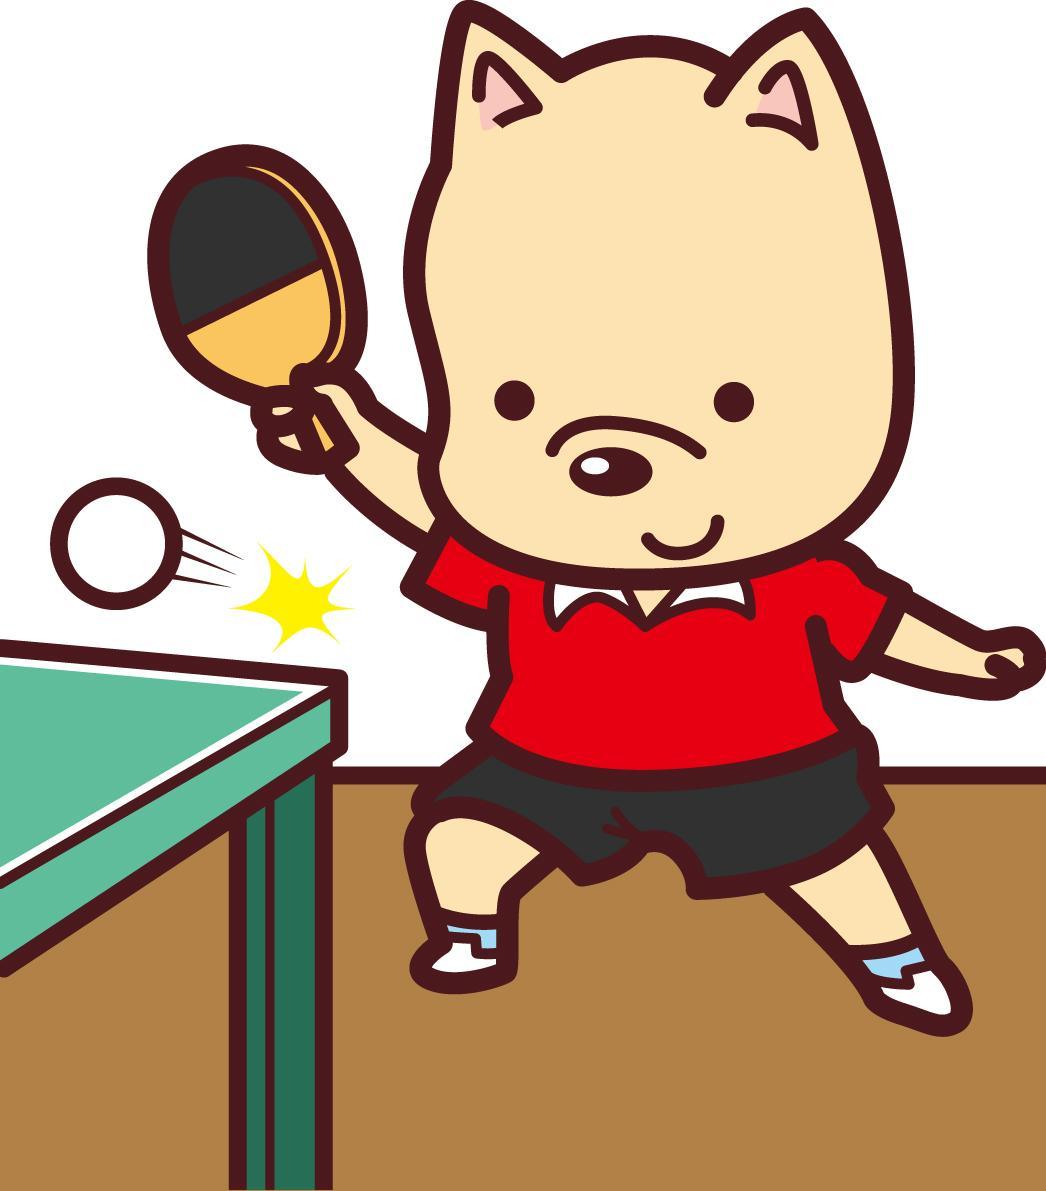 強くなるための卓球に関する技術やコツを教えます 楽しみながら強くなろう!自信もついて2倍強くなろう!!